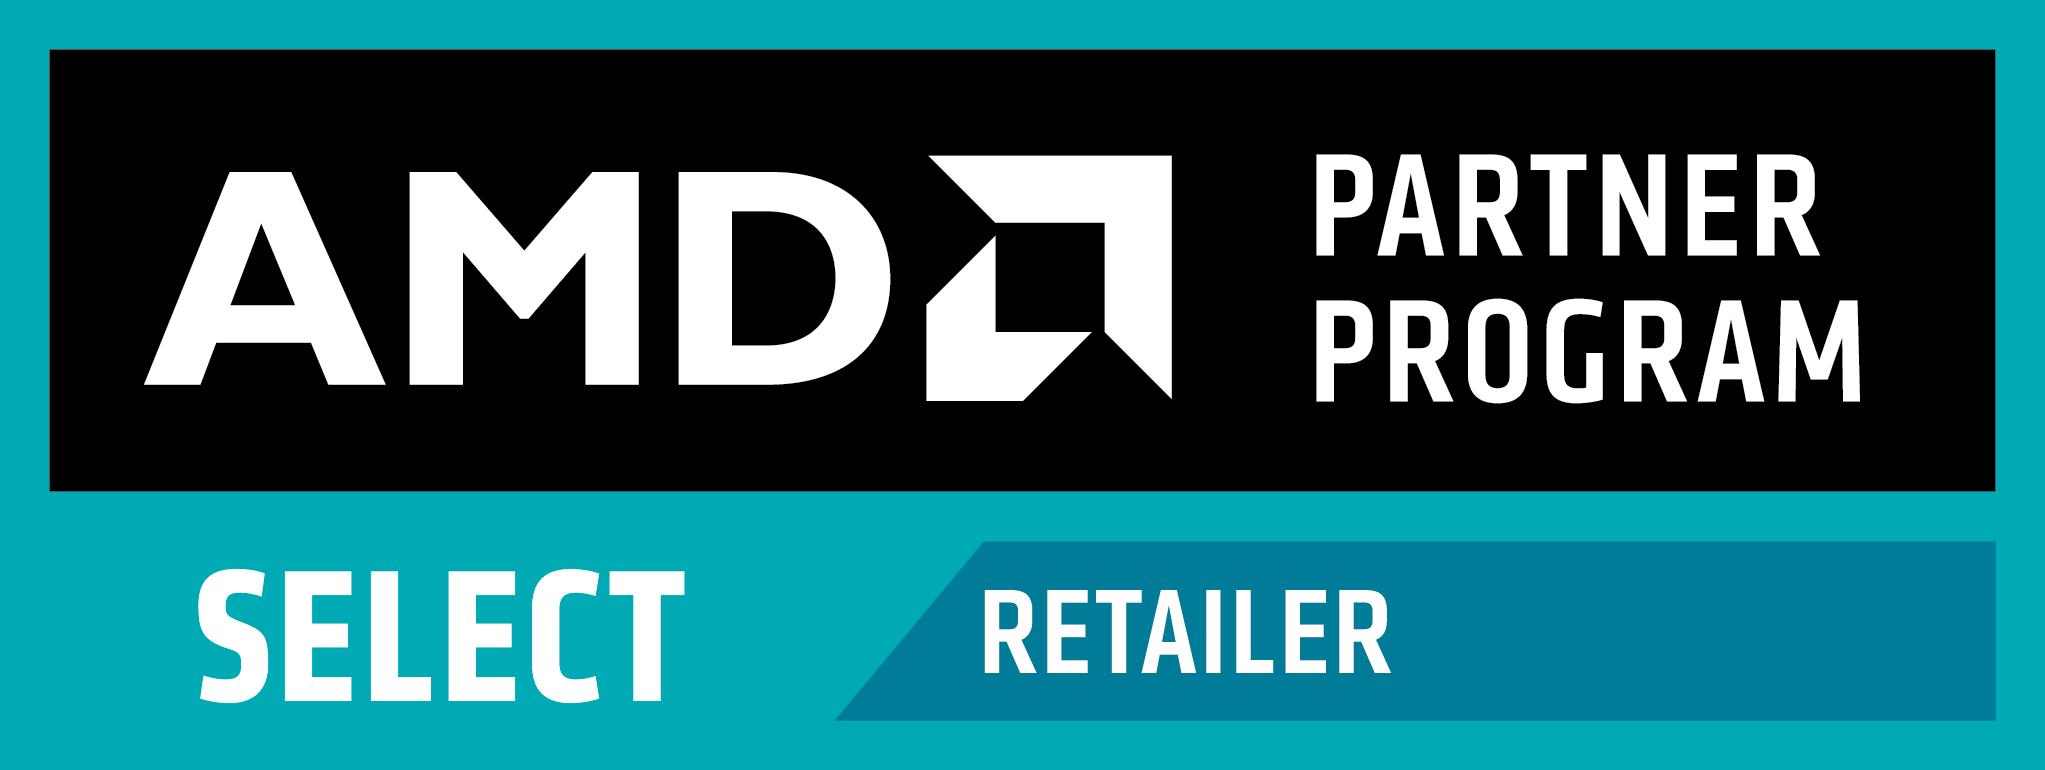 AMD Retailer